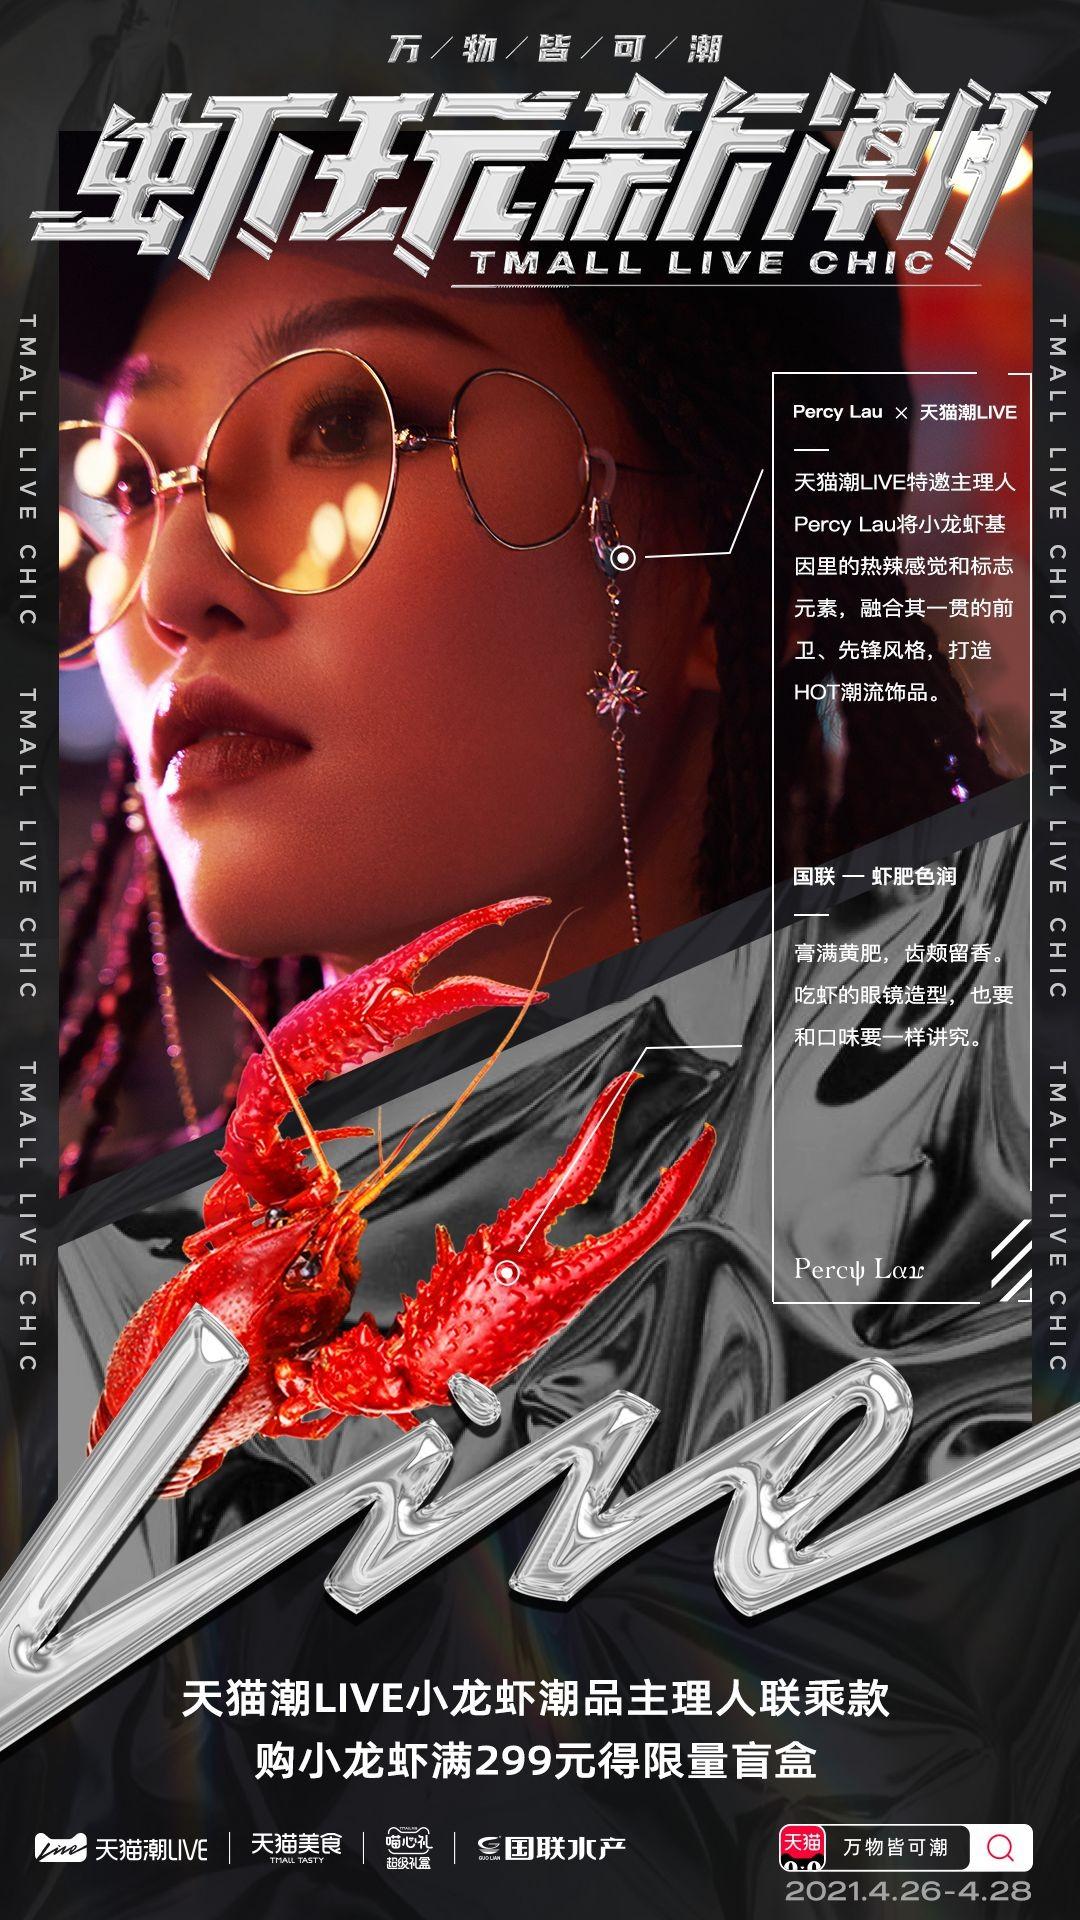 """当小龙虾遇到LIVE潮流时,最脚踏实地的干虾人如何变成""""趋势伴侣""""?"""